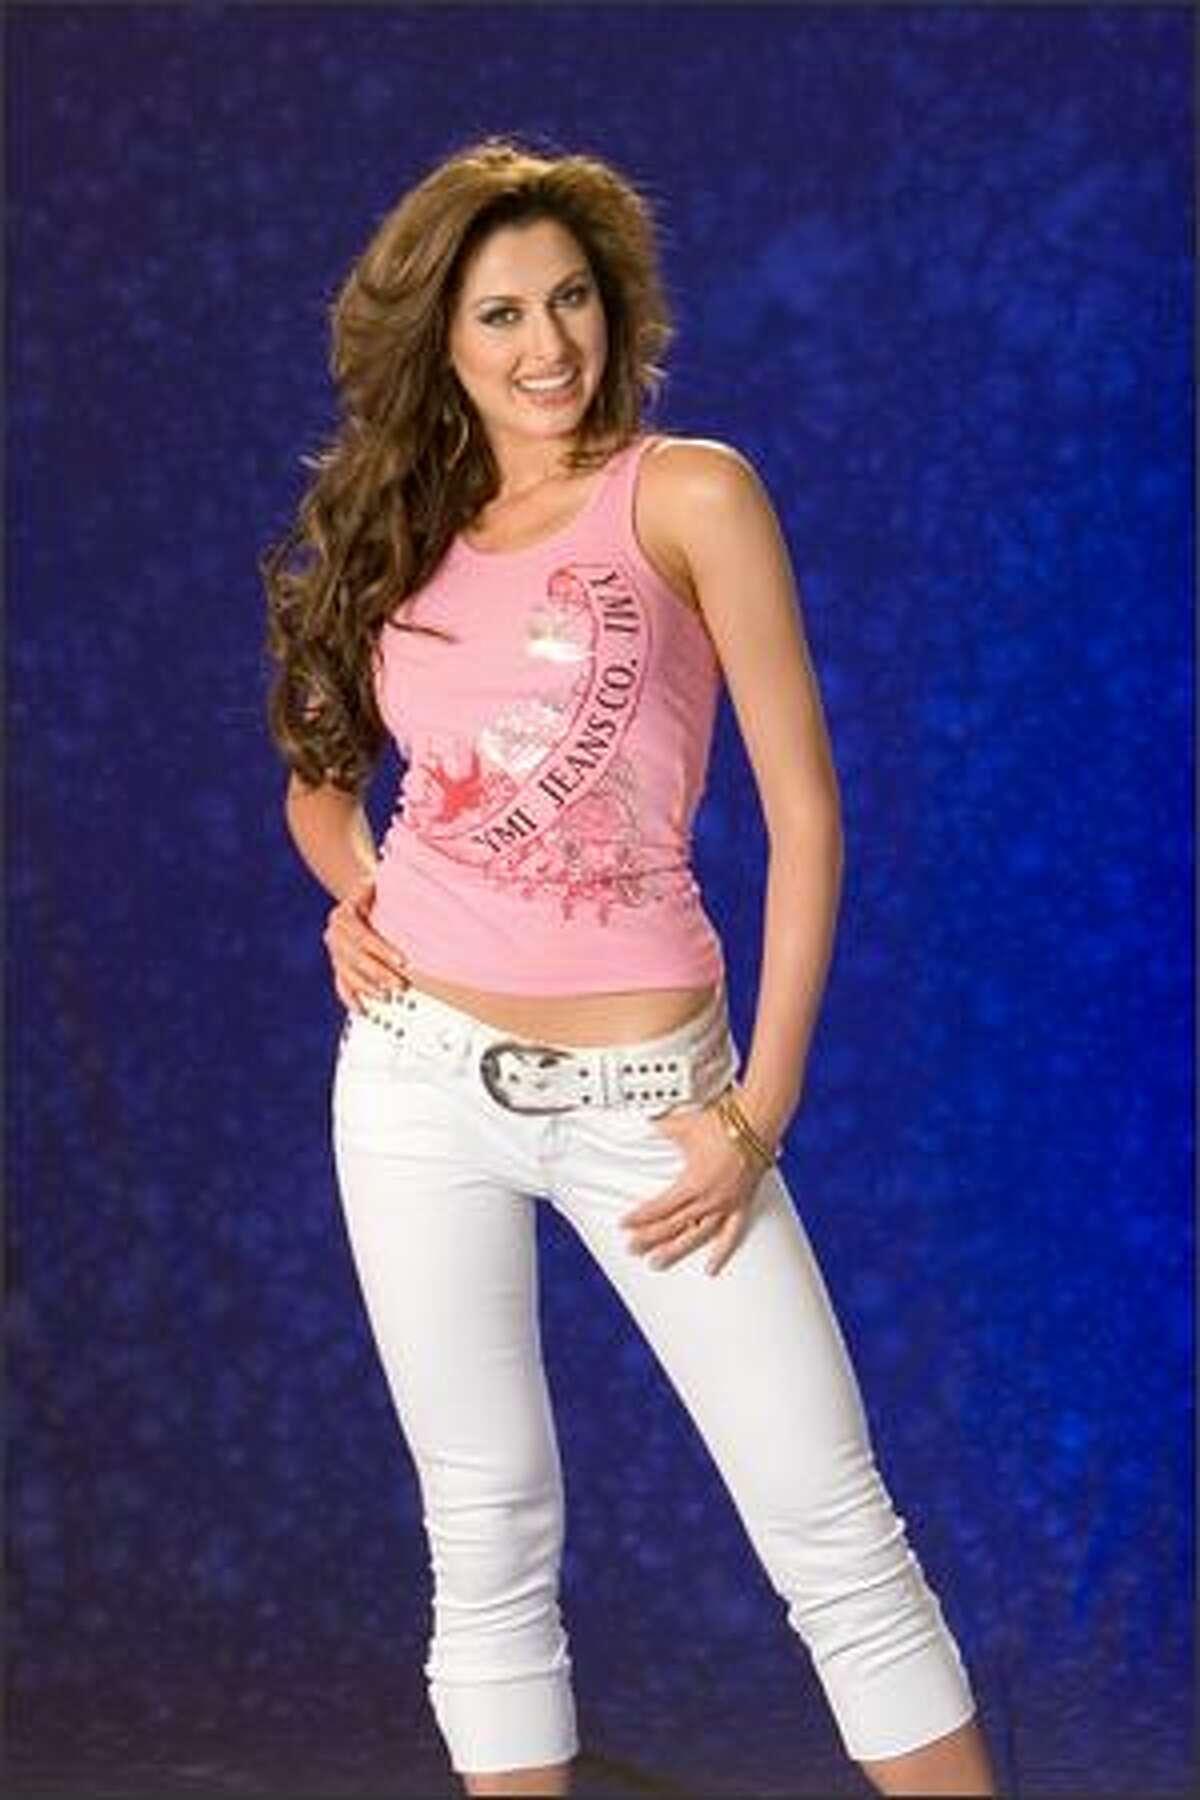 Inga Skaya, Miss Canada 2007.